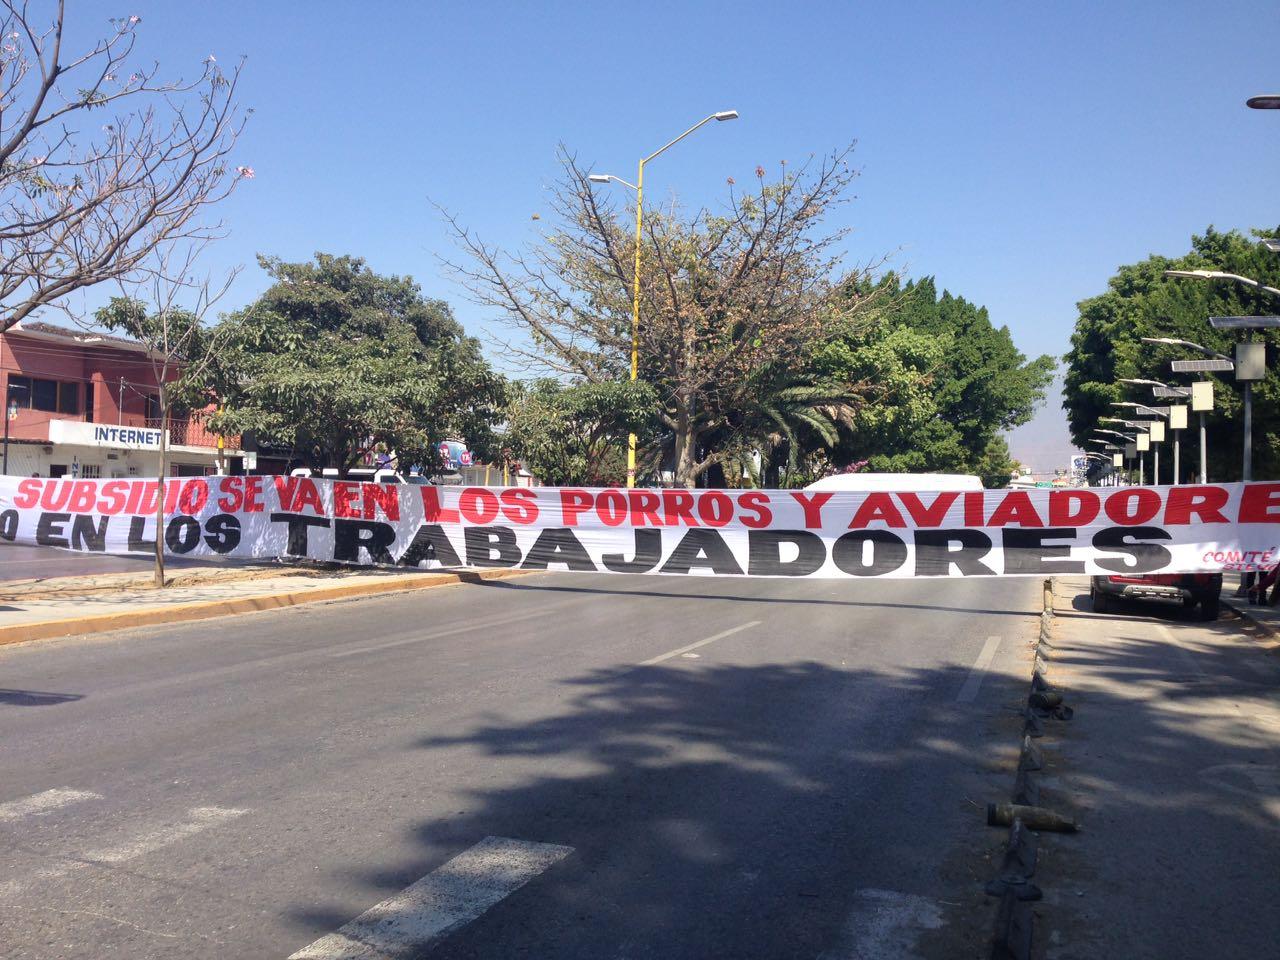 Steuabjo toma rectoría y desaloja CU en Oaxaca